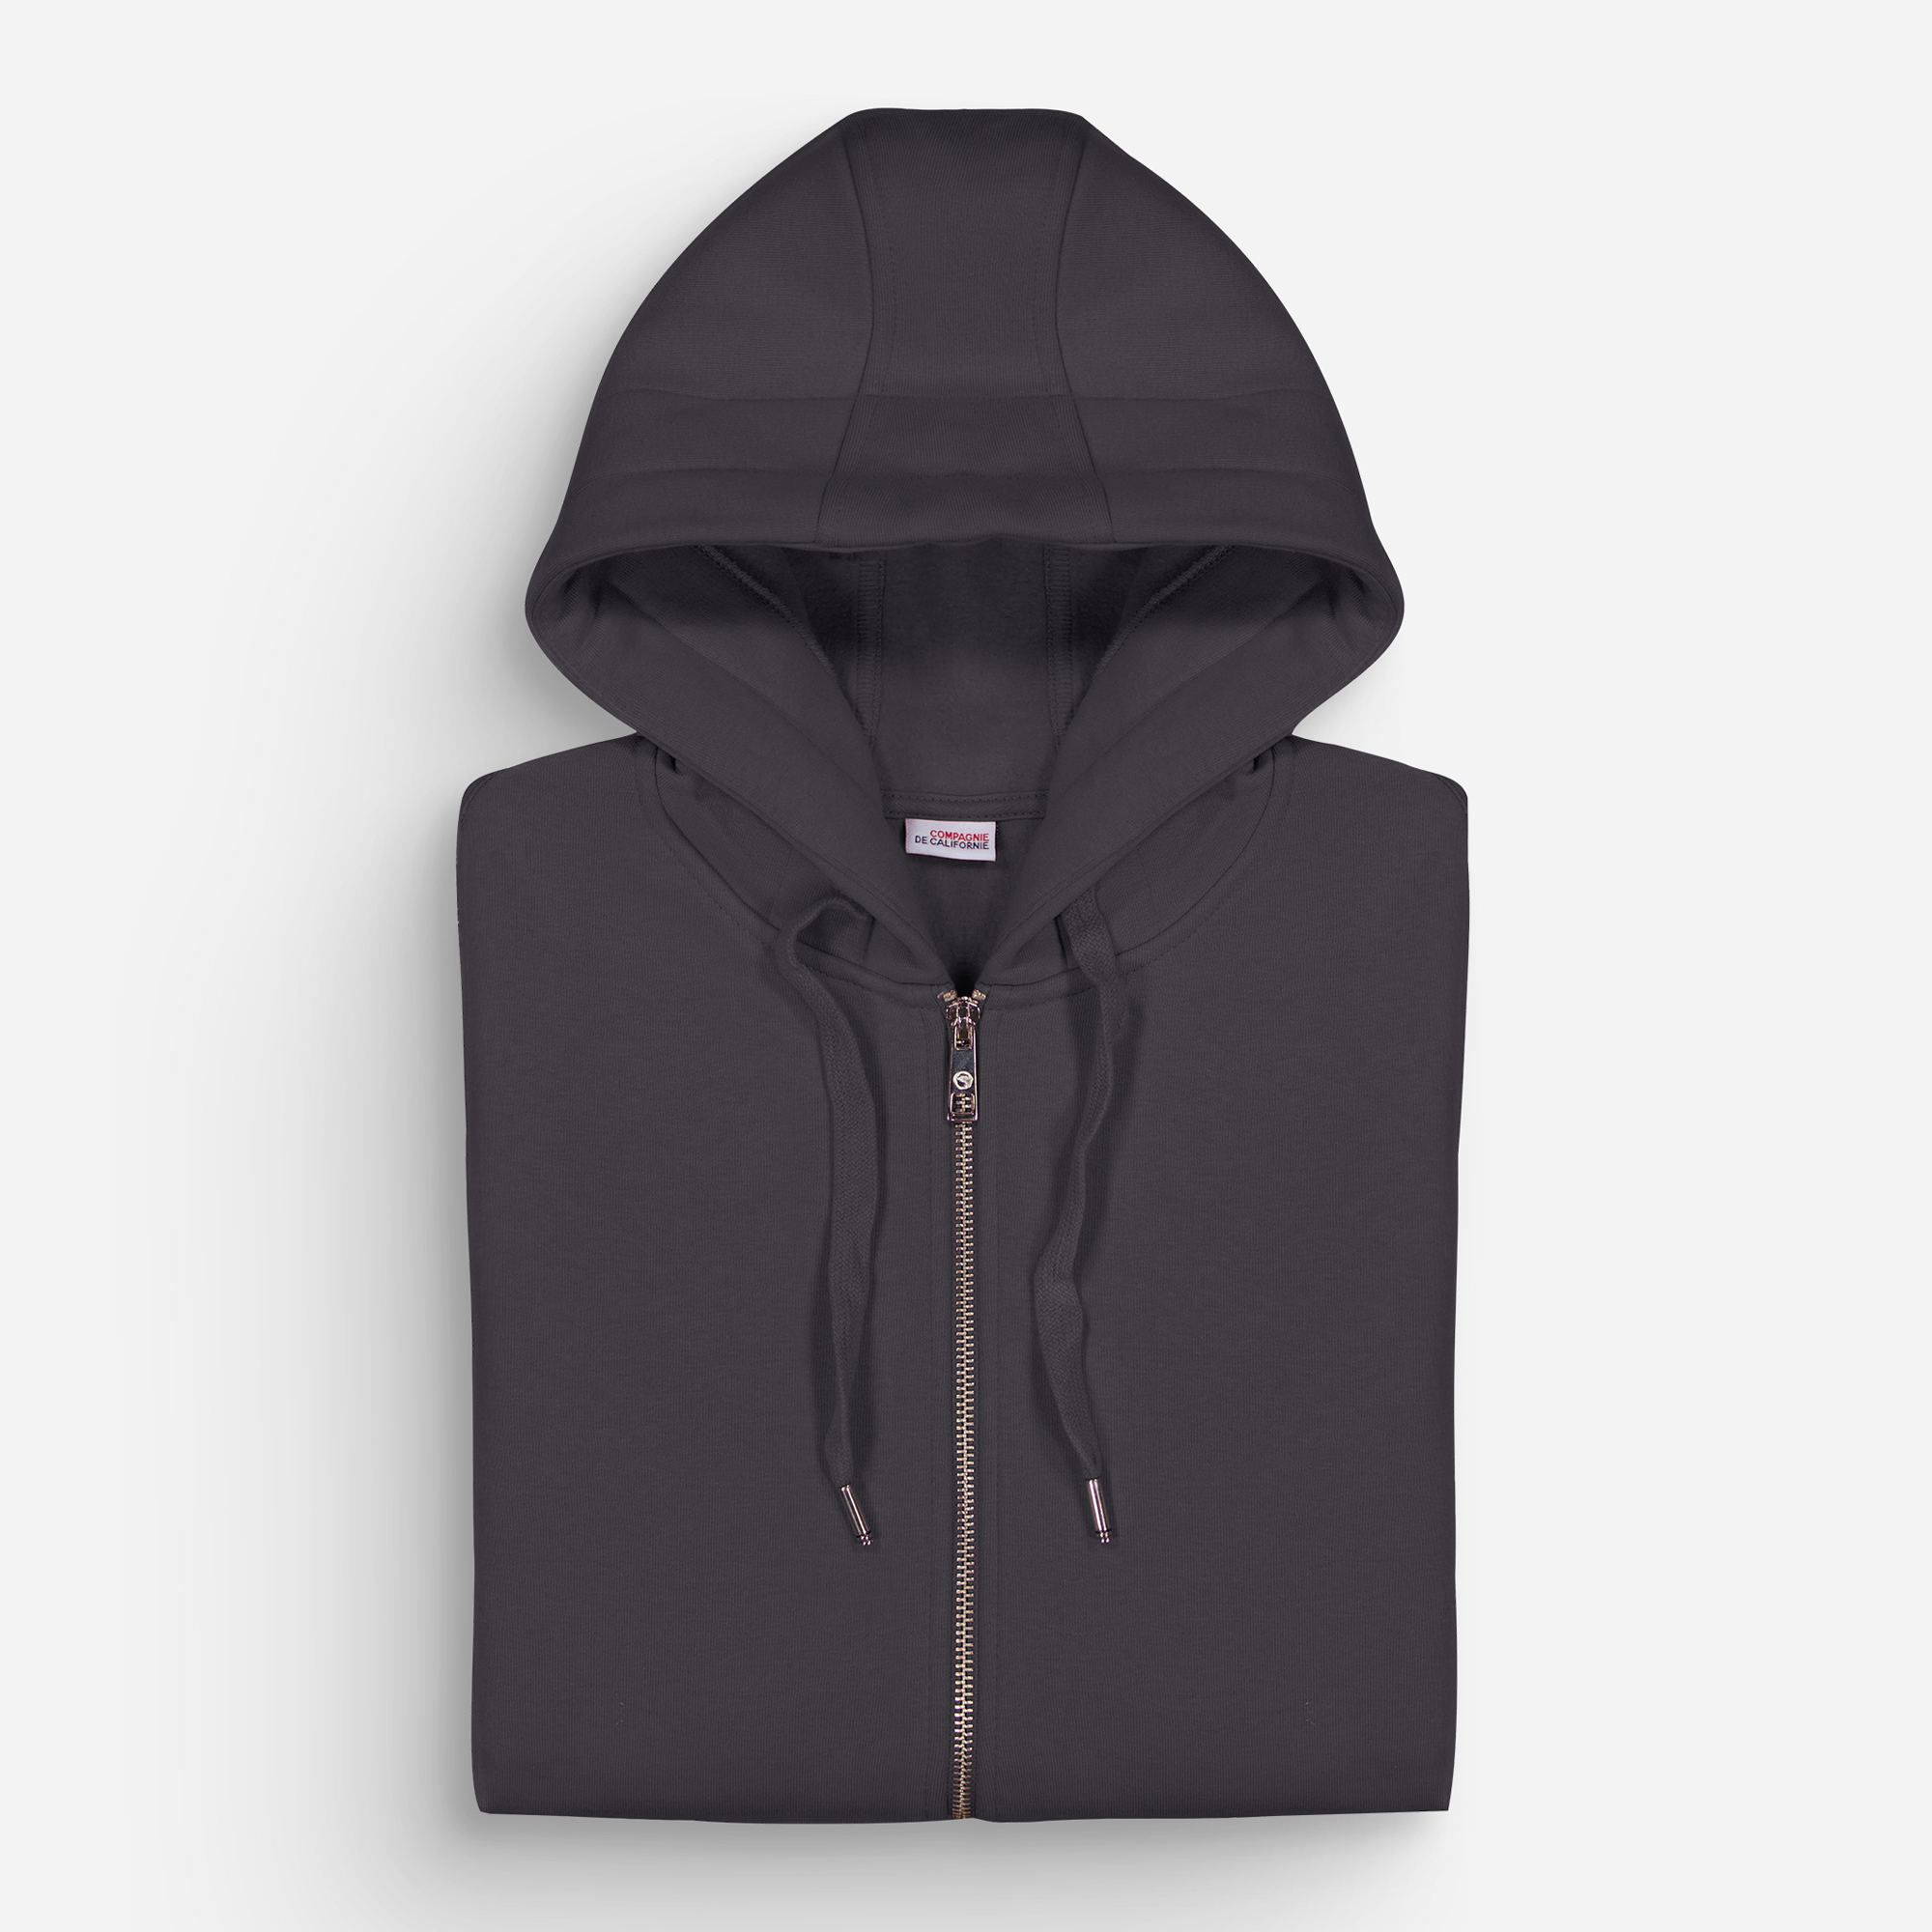 new cupertino hoodie zip anthracite